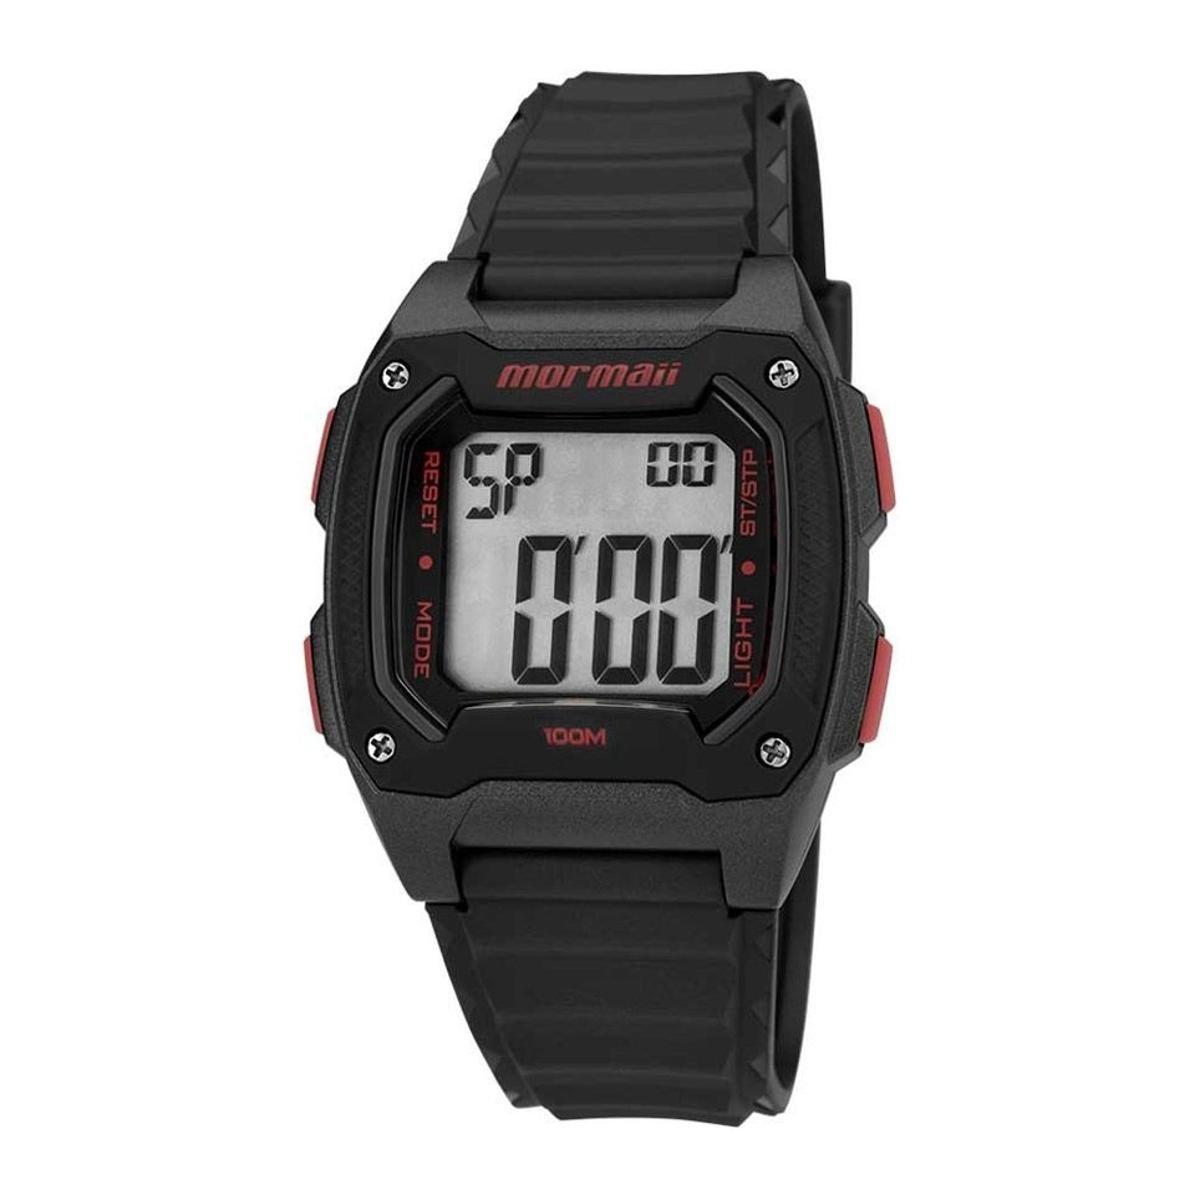 393cc1971c4 Relógio Mormaii Masculino - MO11516A 8R - Compre Agora